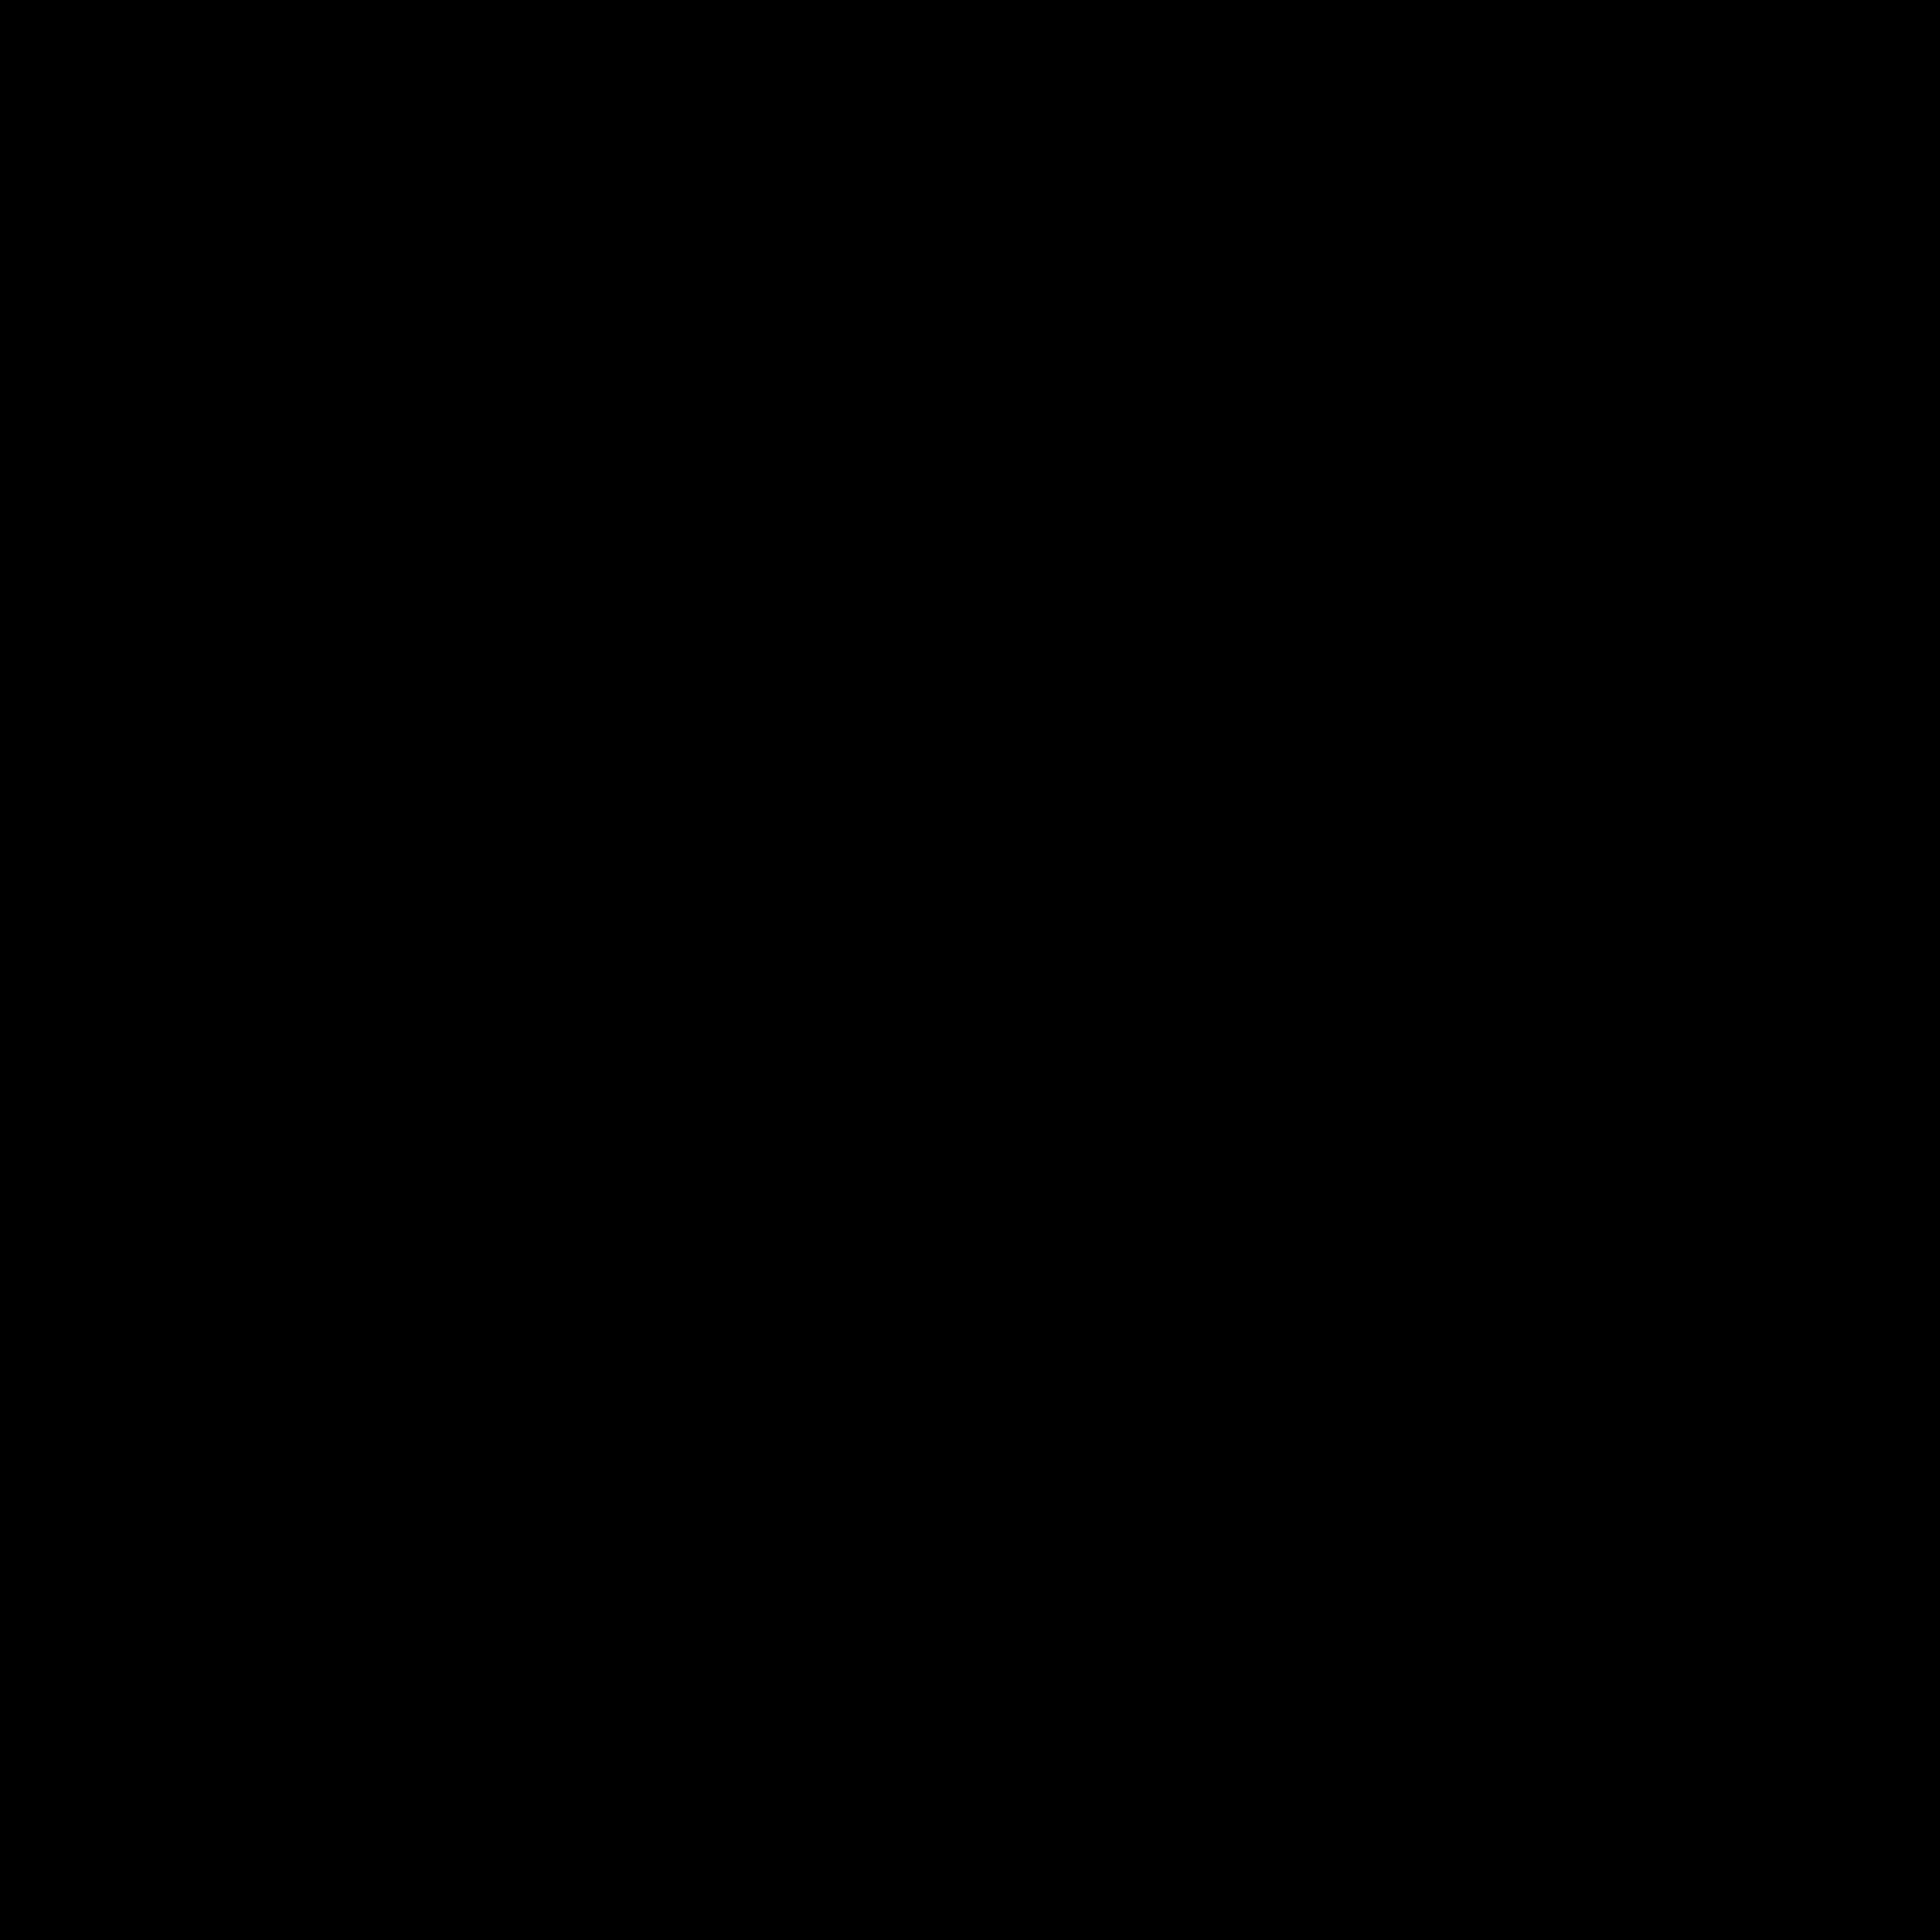 修正波逆变器-TD-K3000